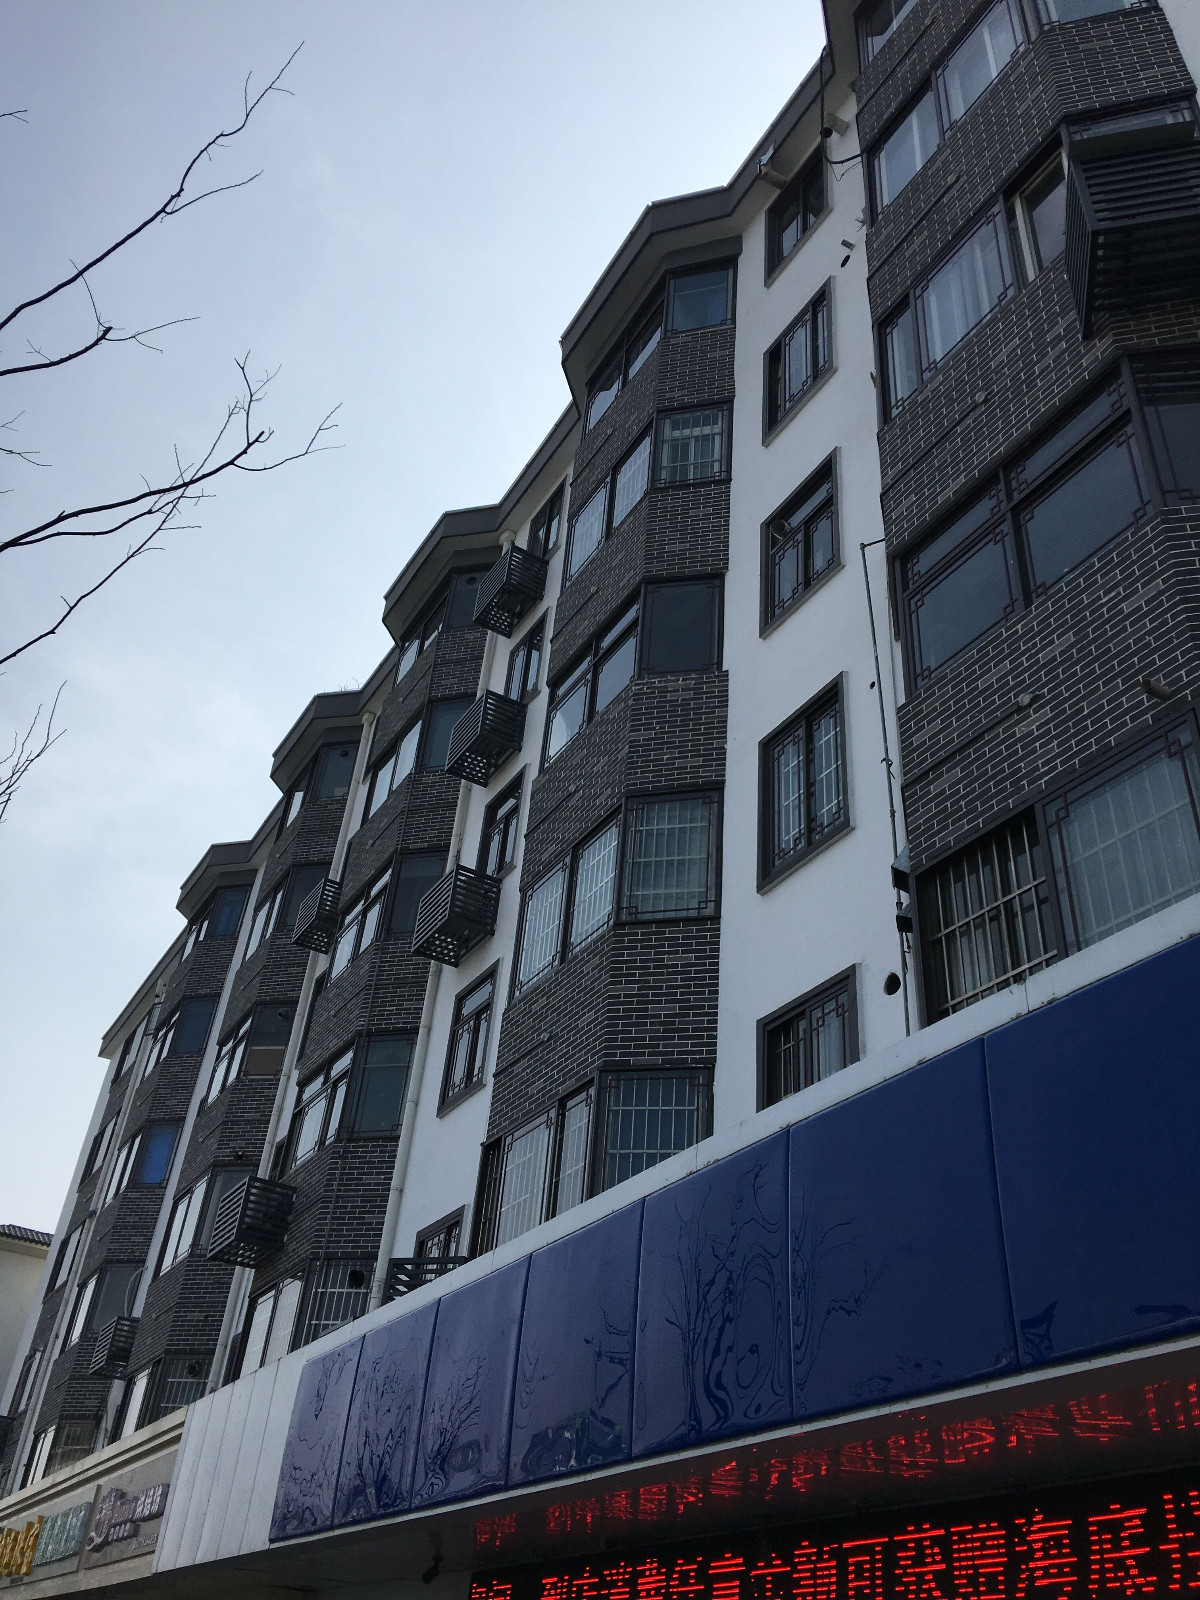 苏州市外墙立面改造项目应用美道软瓷|公司新闻-江苏美道新材料股份有限公司